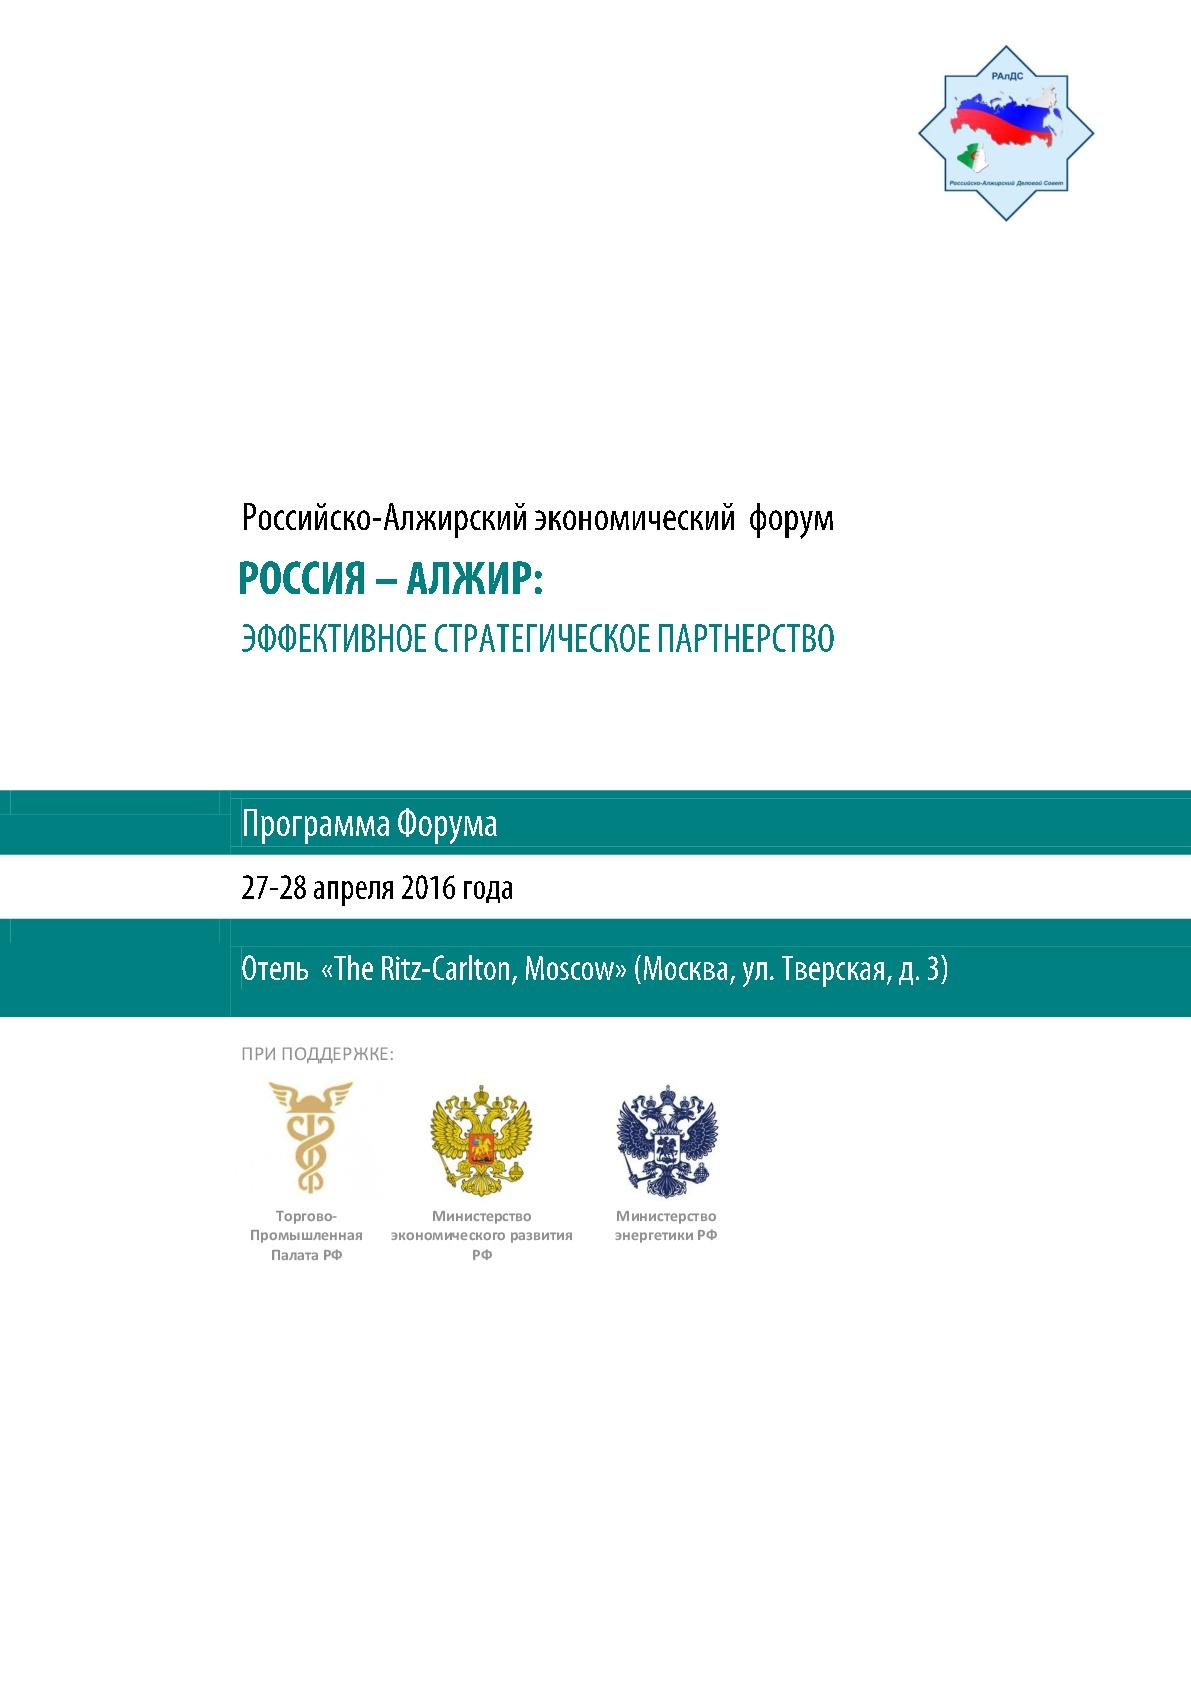 العلاقات الجزائرية الروسية - صفحة 3 26077594894_8b67aeda9e_o